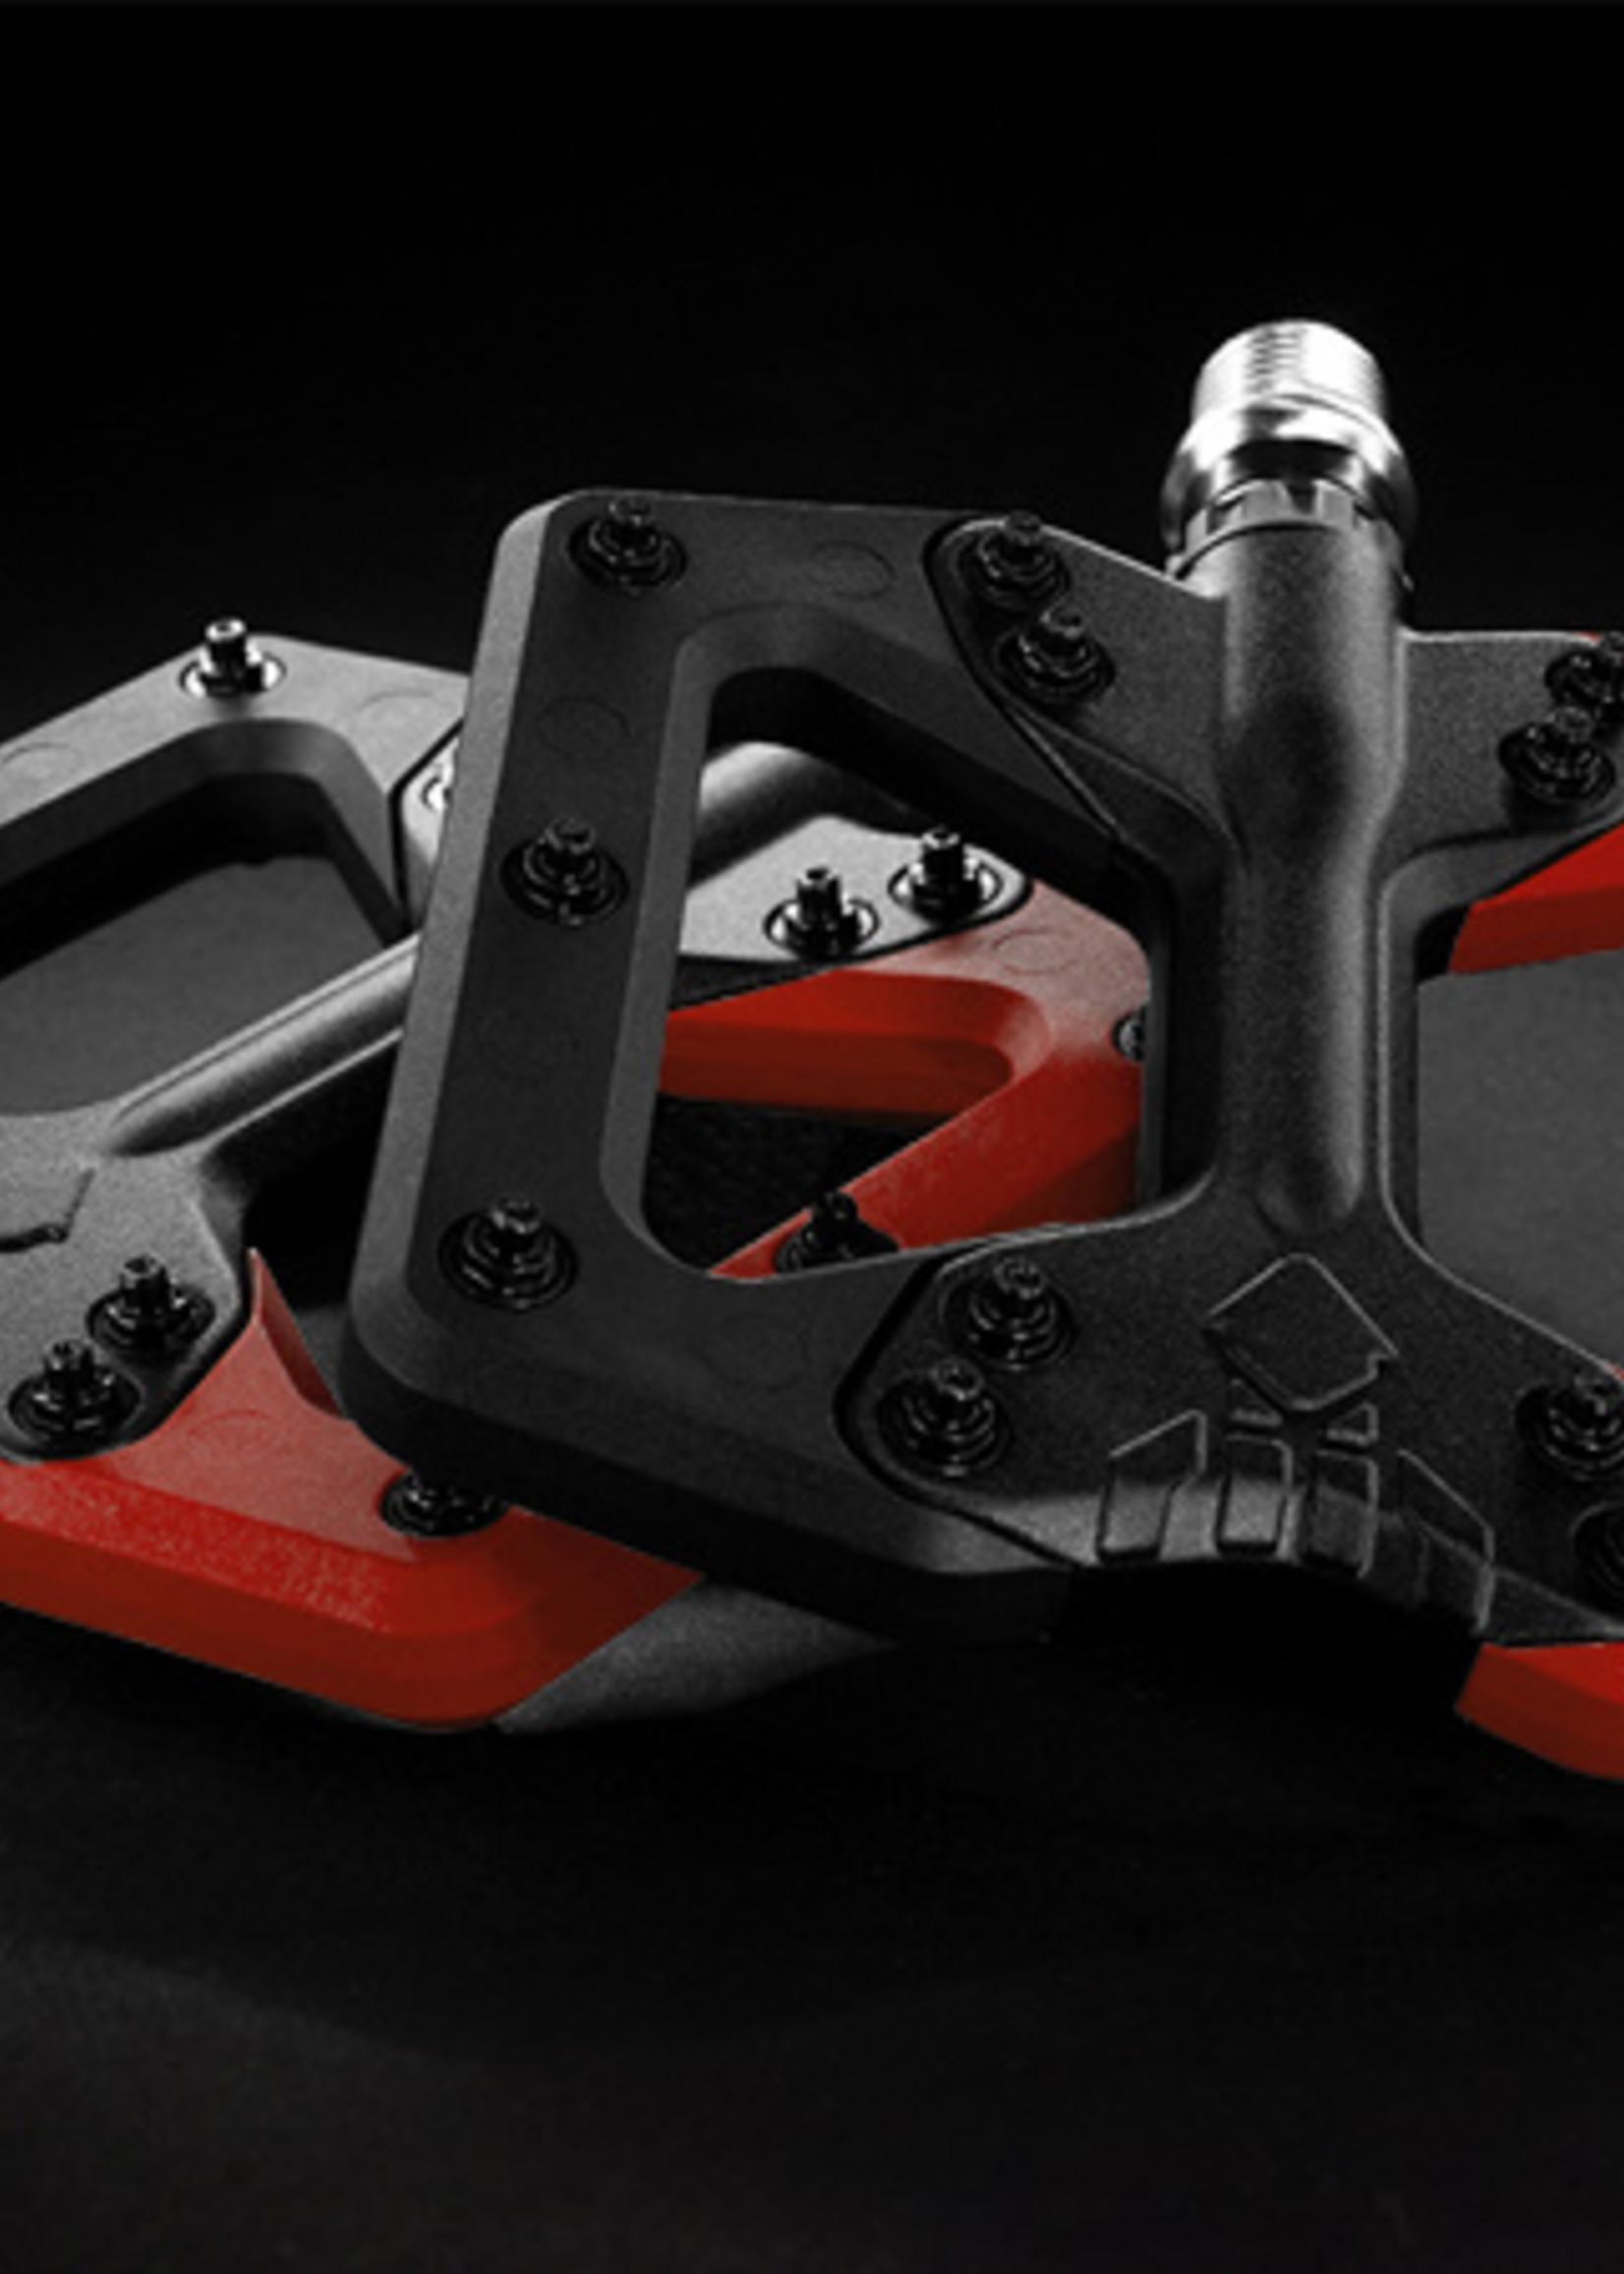 Squidworx Pedals - Medium